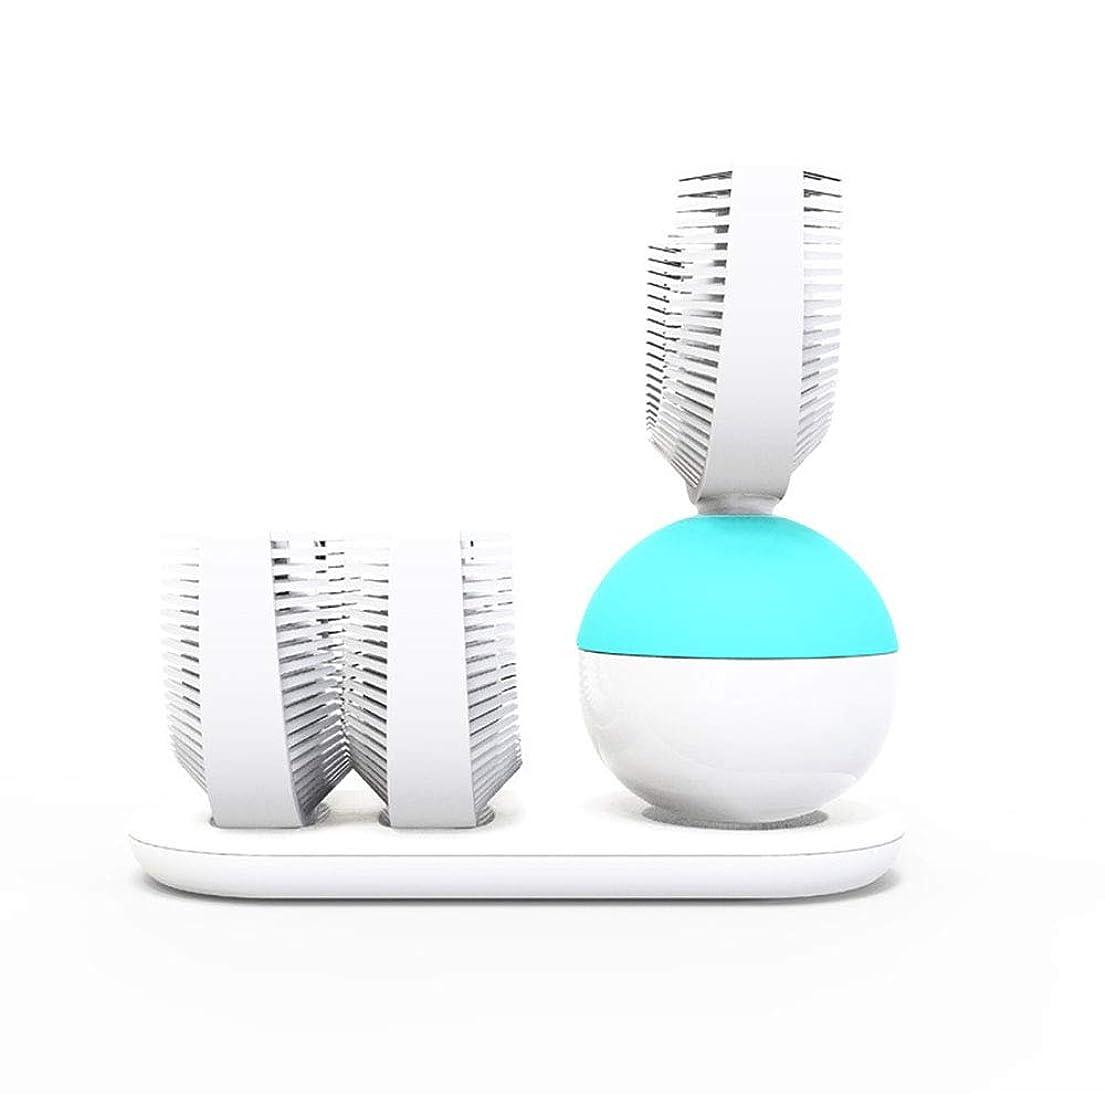 それによってそよ風暴露スマートワインディング電動歯ブラシシリコーン電動歯ブラシ怠Laな歯ブラシ大人の自動歯ブラシ